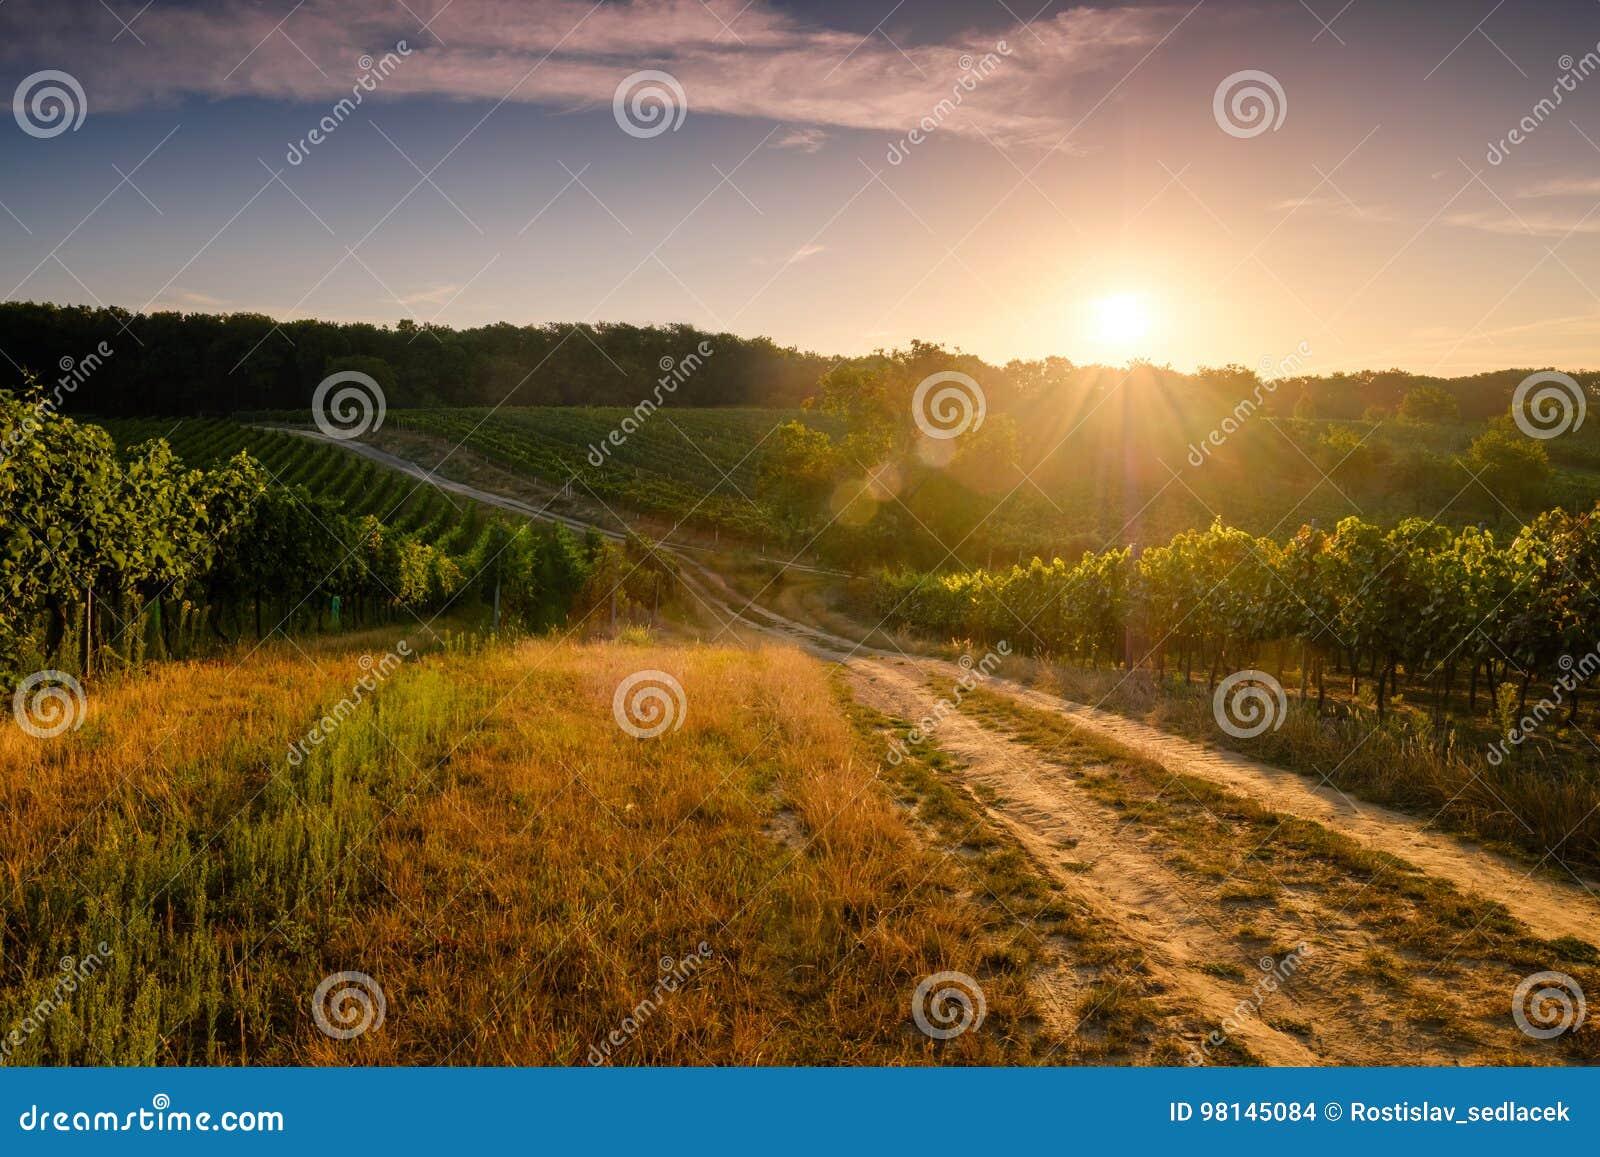 Vineyards at sunset, Czech republic